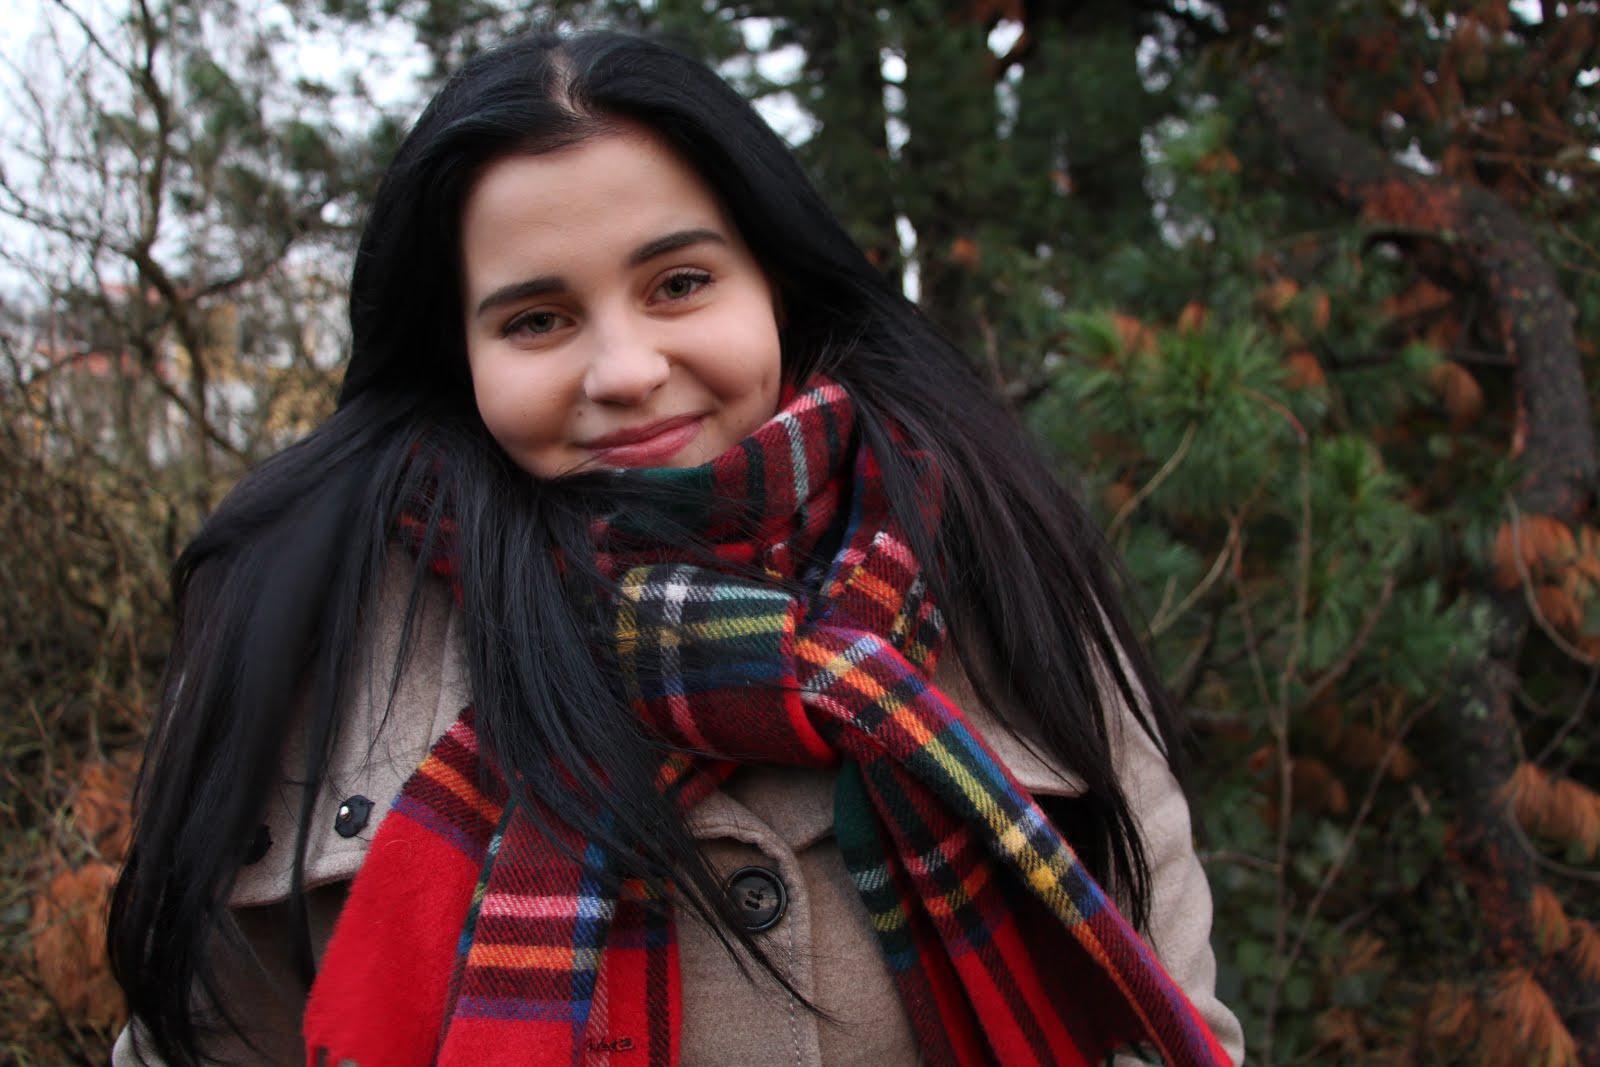 Emma, 17, Argentiina